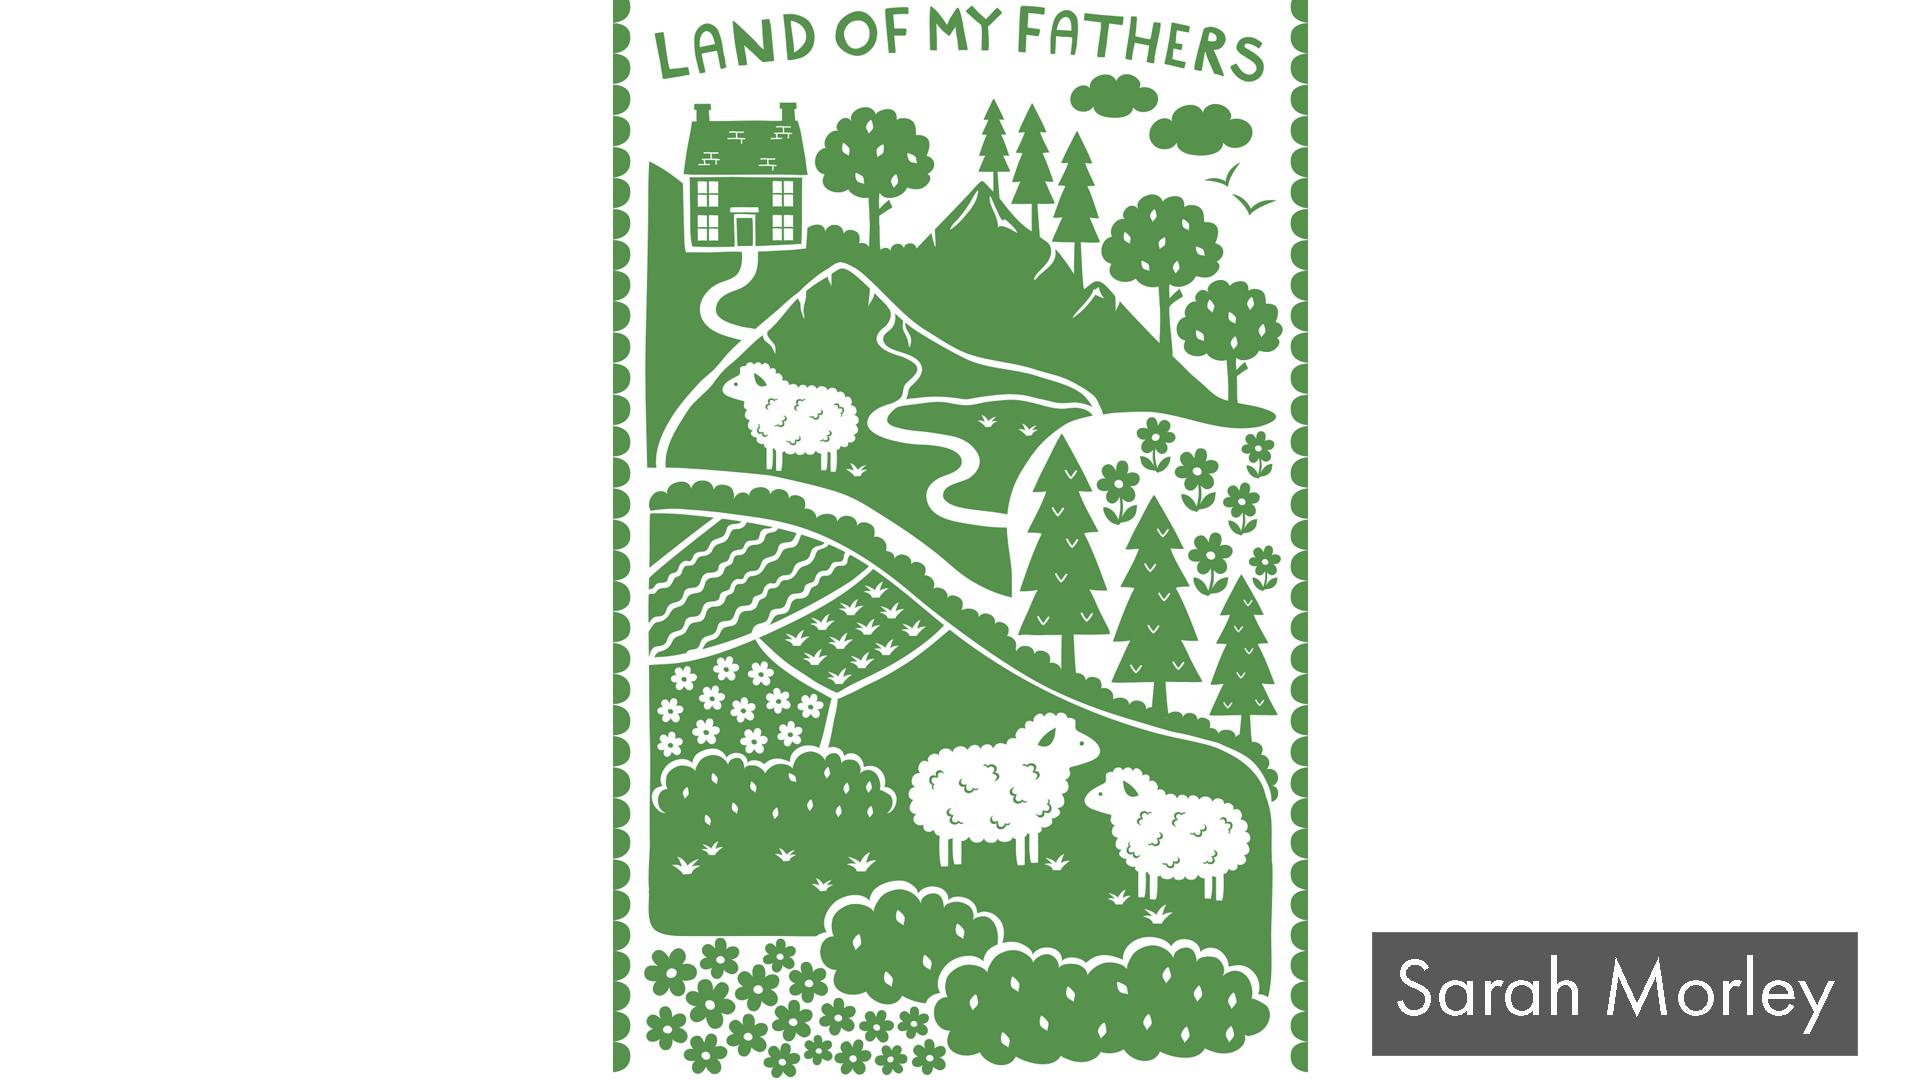 Landofmyfathers_SarahMorley.jpg